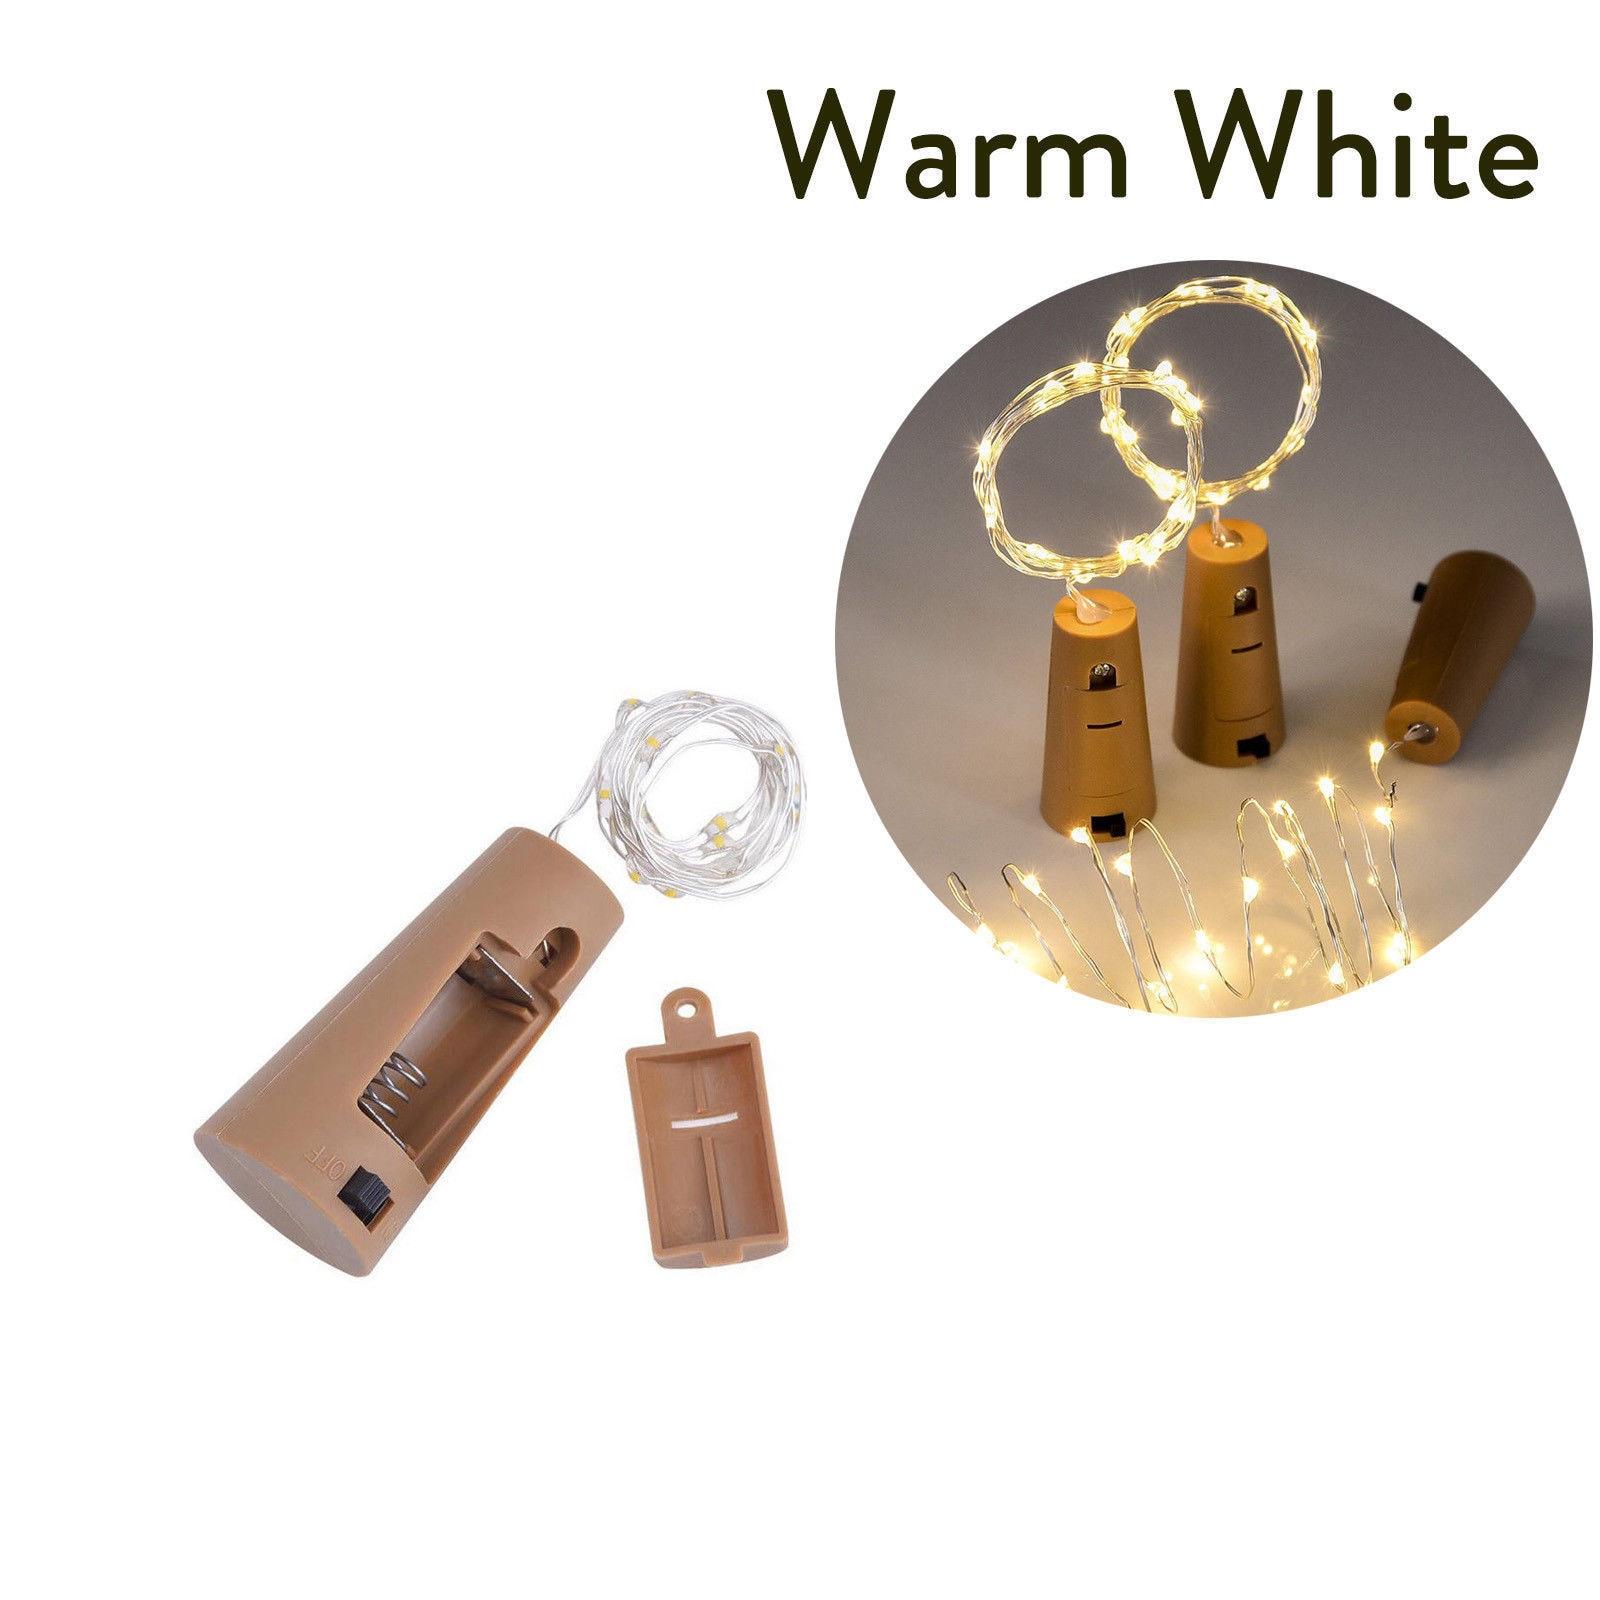 10 20 30 светодиодный s пробковый светодиодный светильник, медная проволока, праздничный уличный Сказочный светильник s для рождественской вечеринки, свадебного украшения - Испускаемый цвет: Тёплый белый